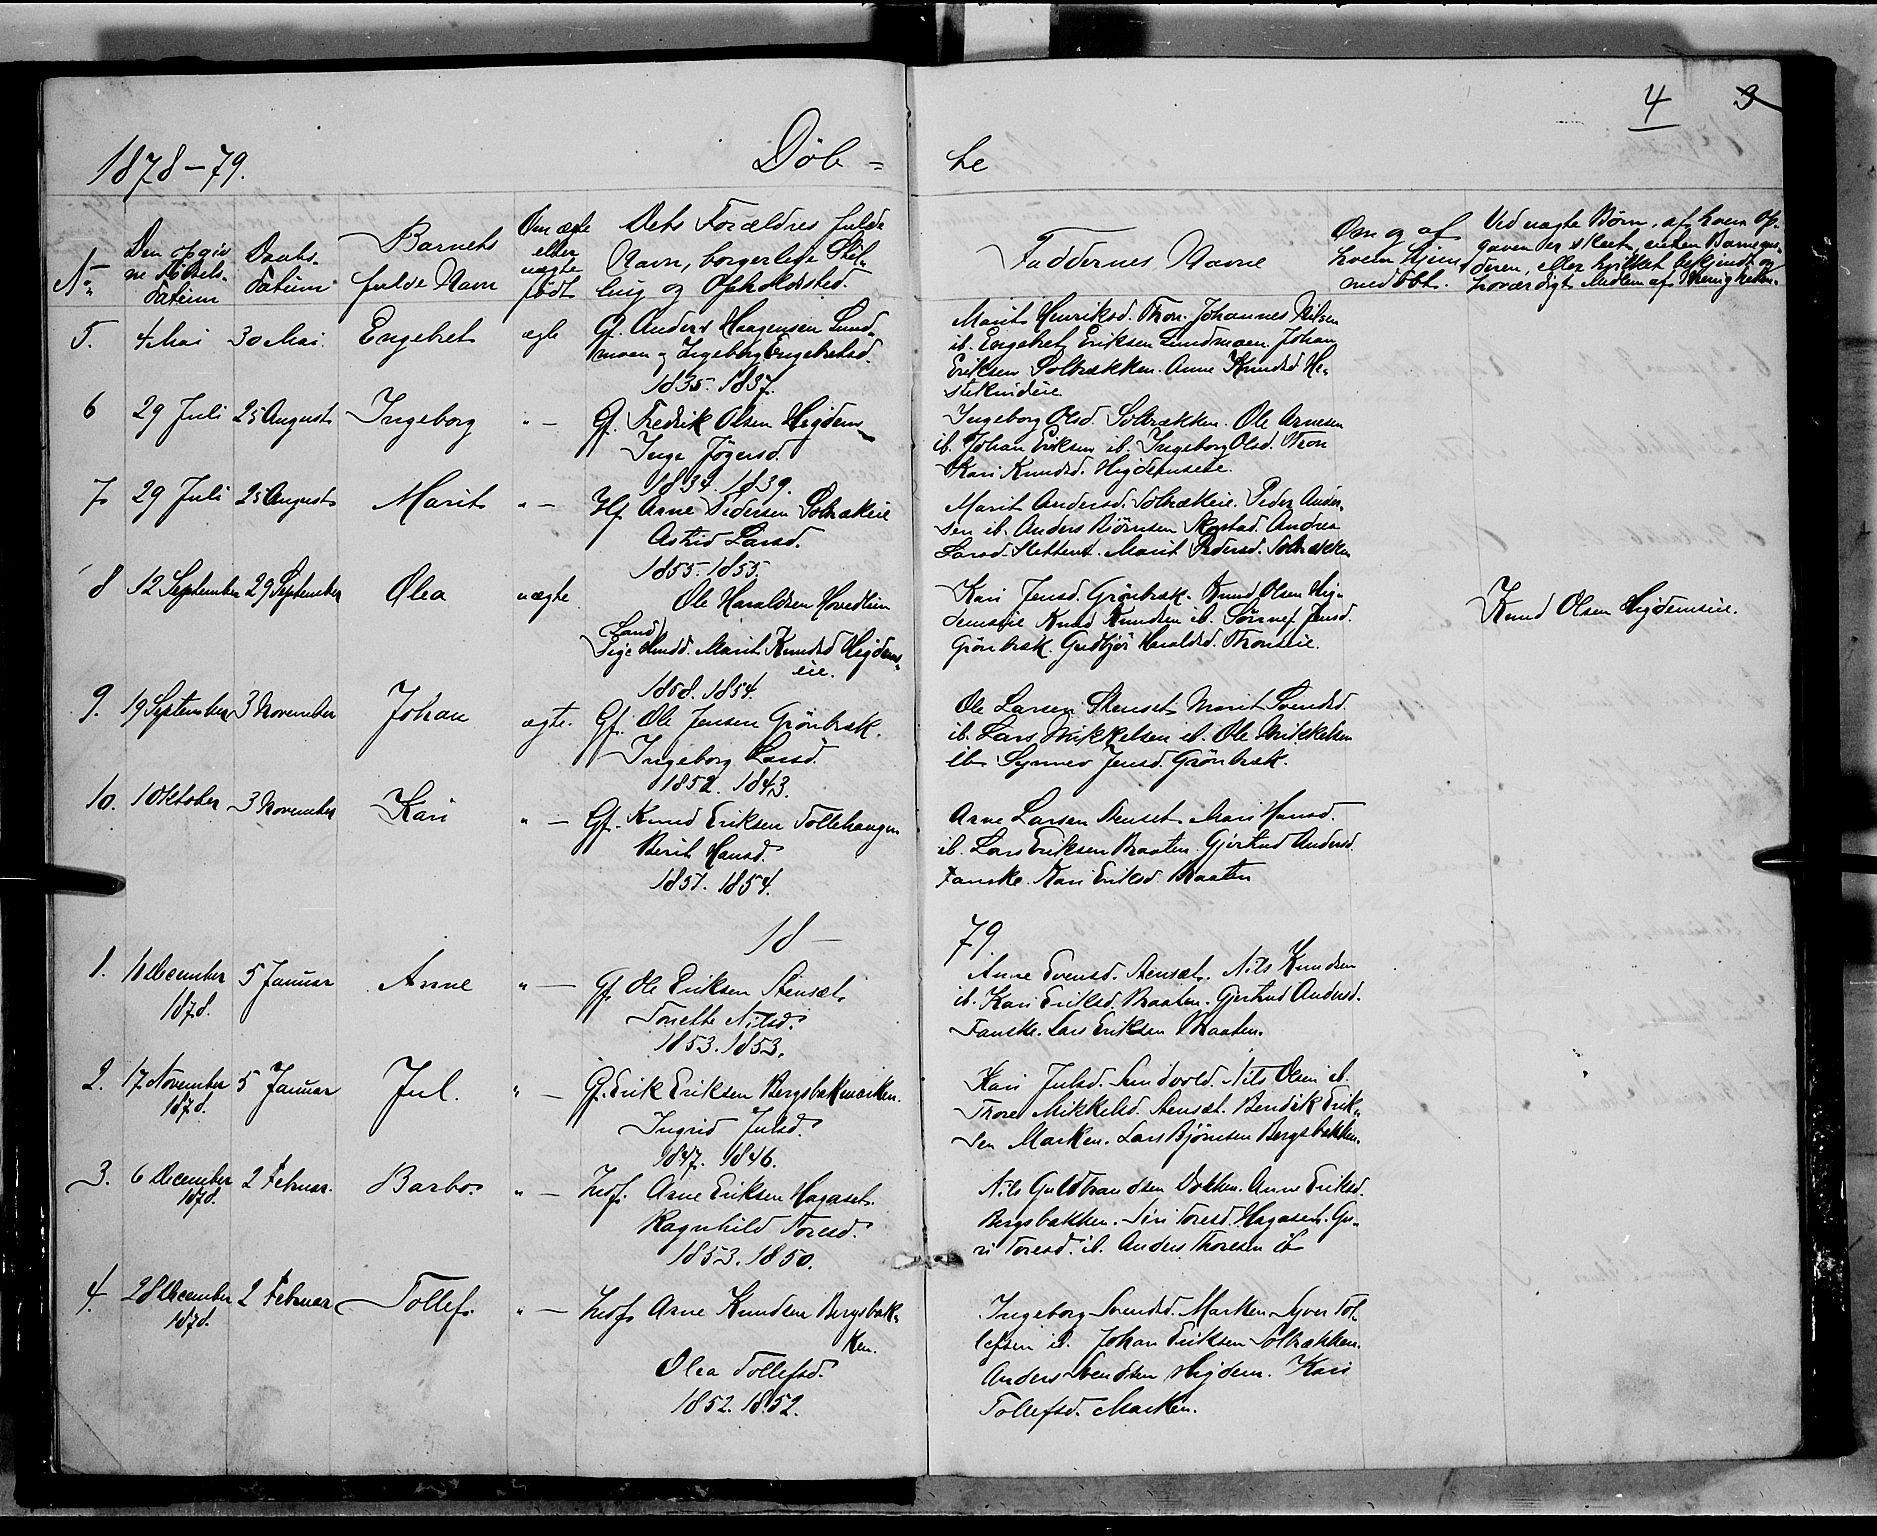 SAH, Nord-Aurdal prestekontor, Klokkerbok nr. 5, 1876-1895, s. 4